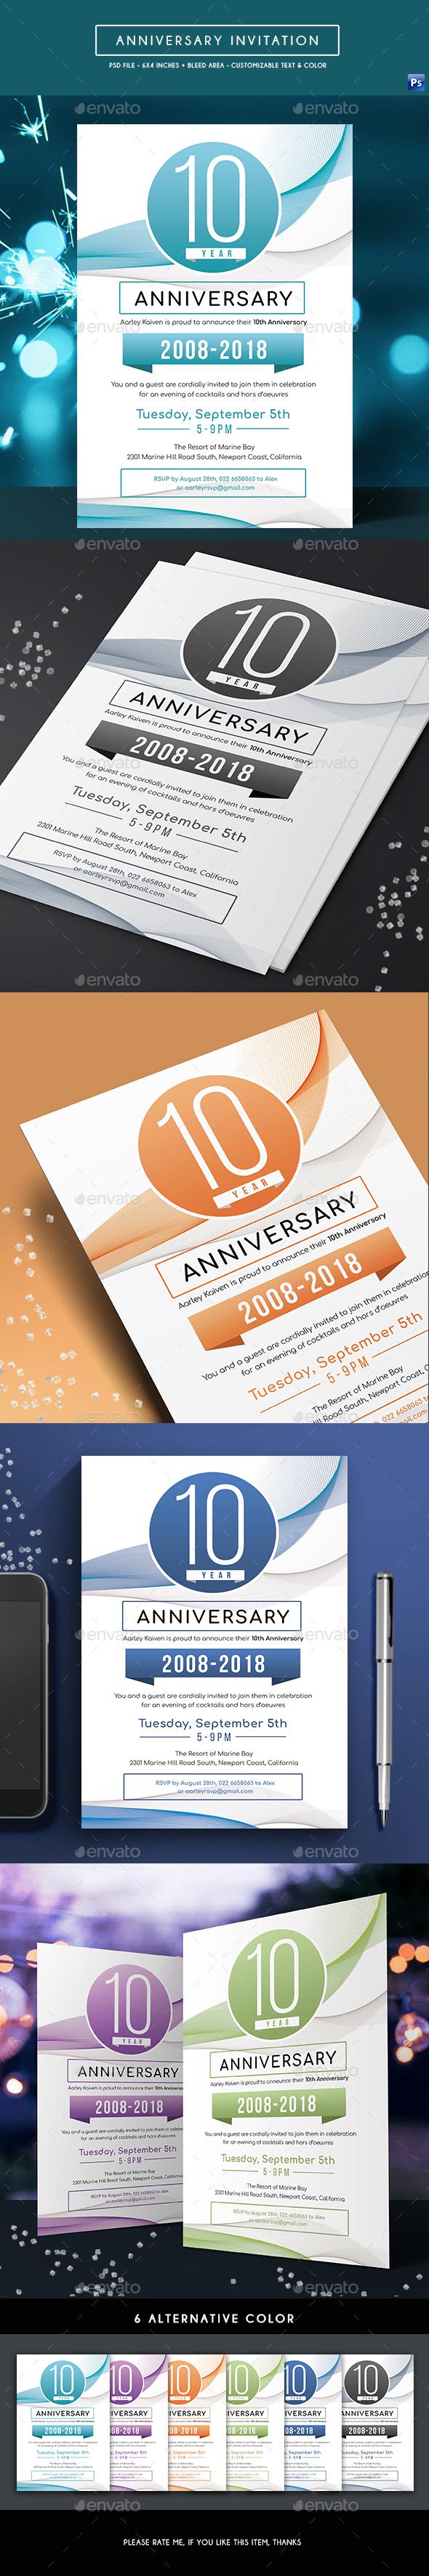 GraphicRiver Anniversary Invitation 21112419